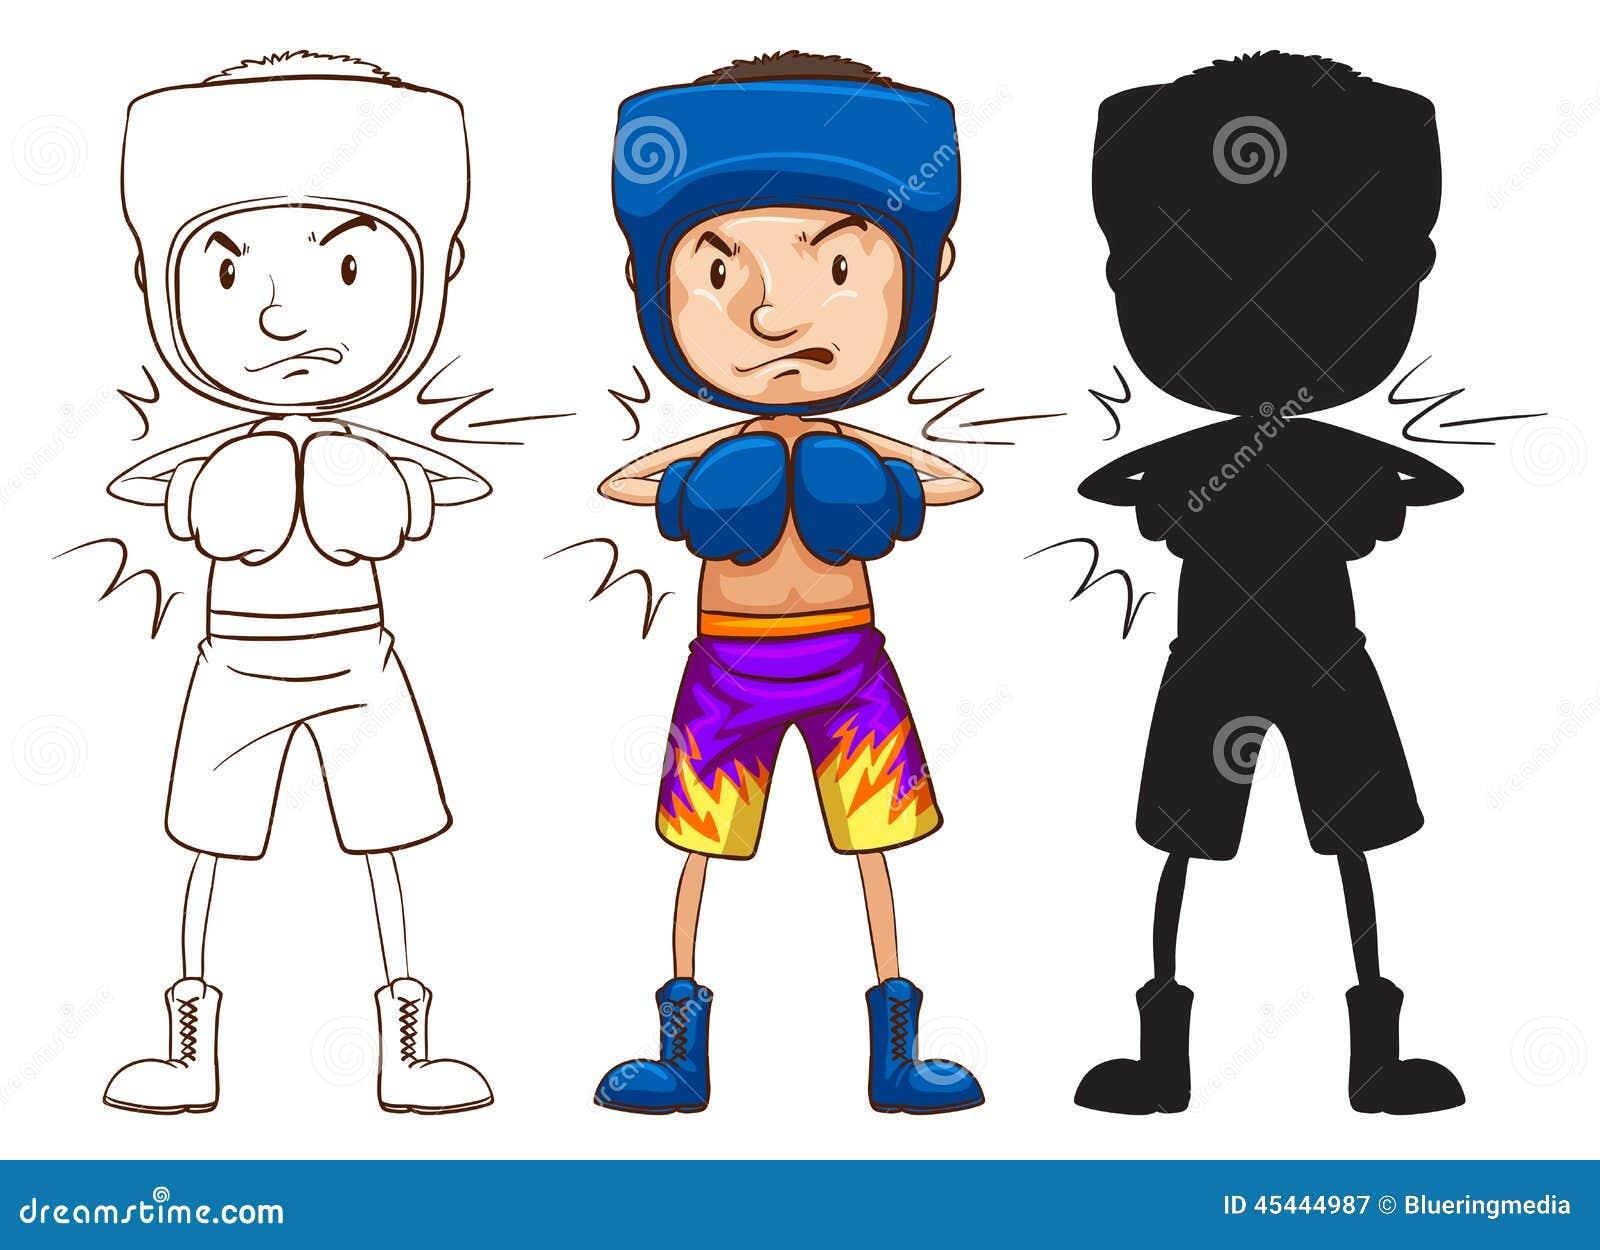 Un croquis d un boxeur masculin dans trois couleurs différentes